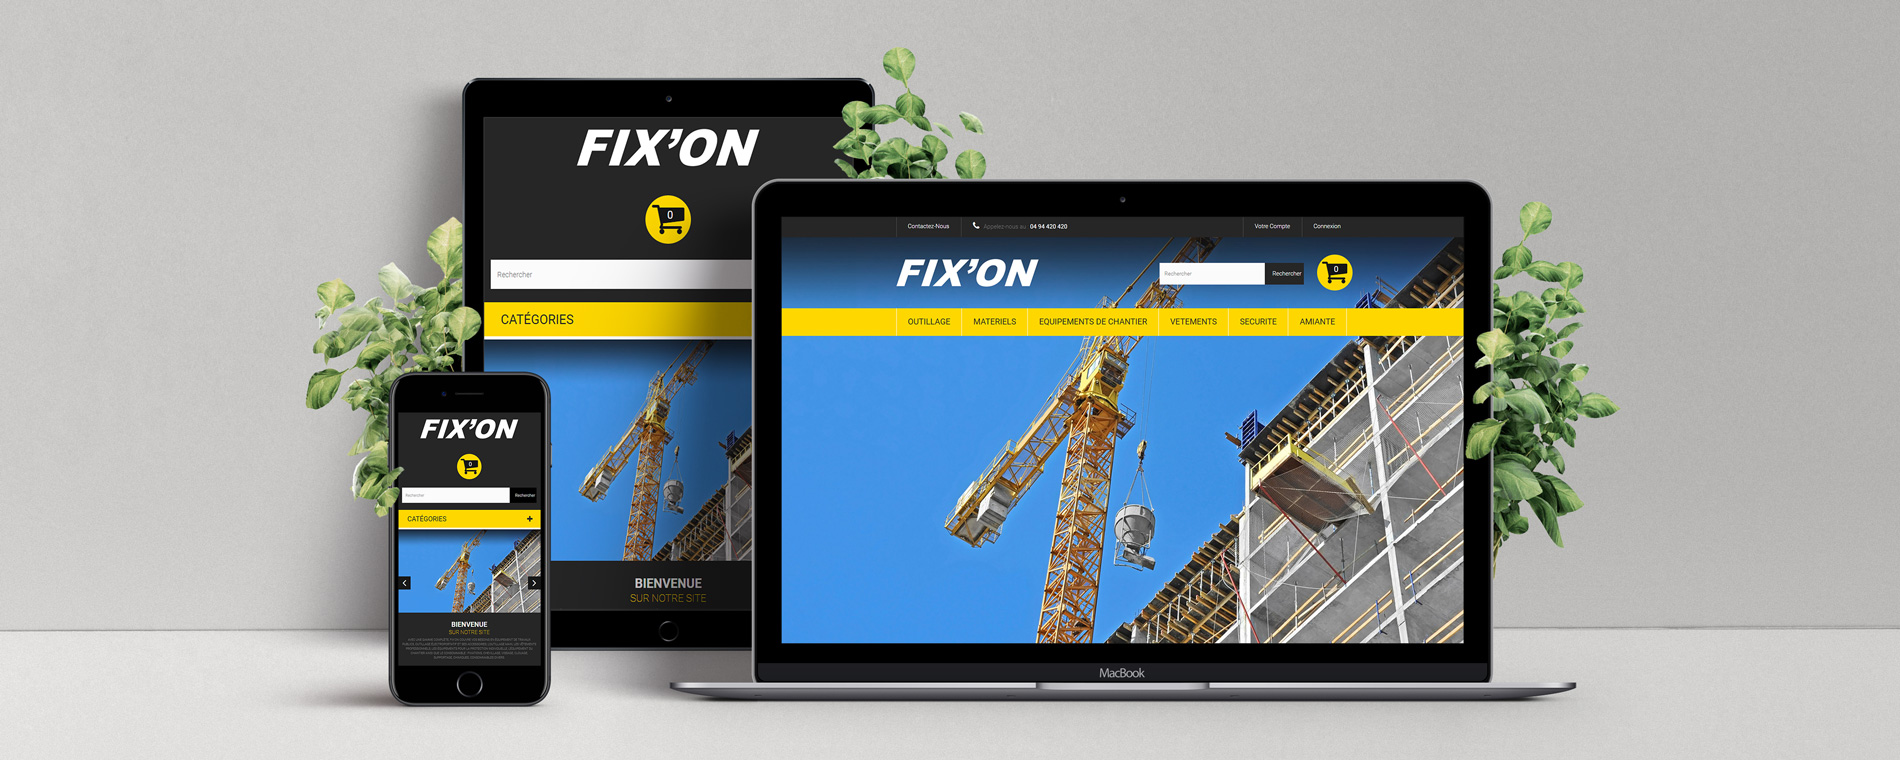 fixon-website-wins-design-award--landscape